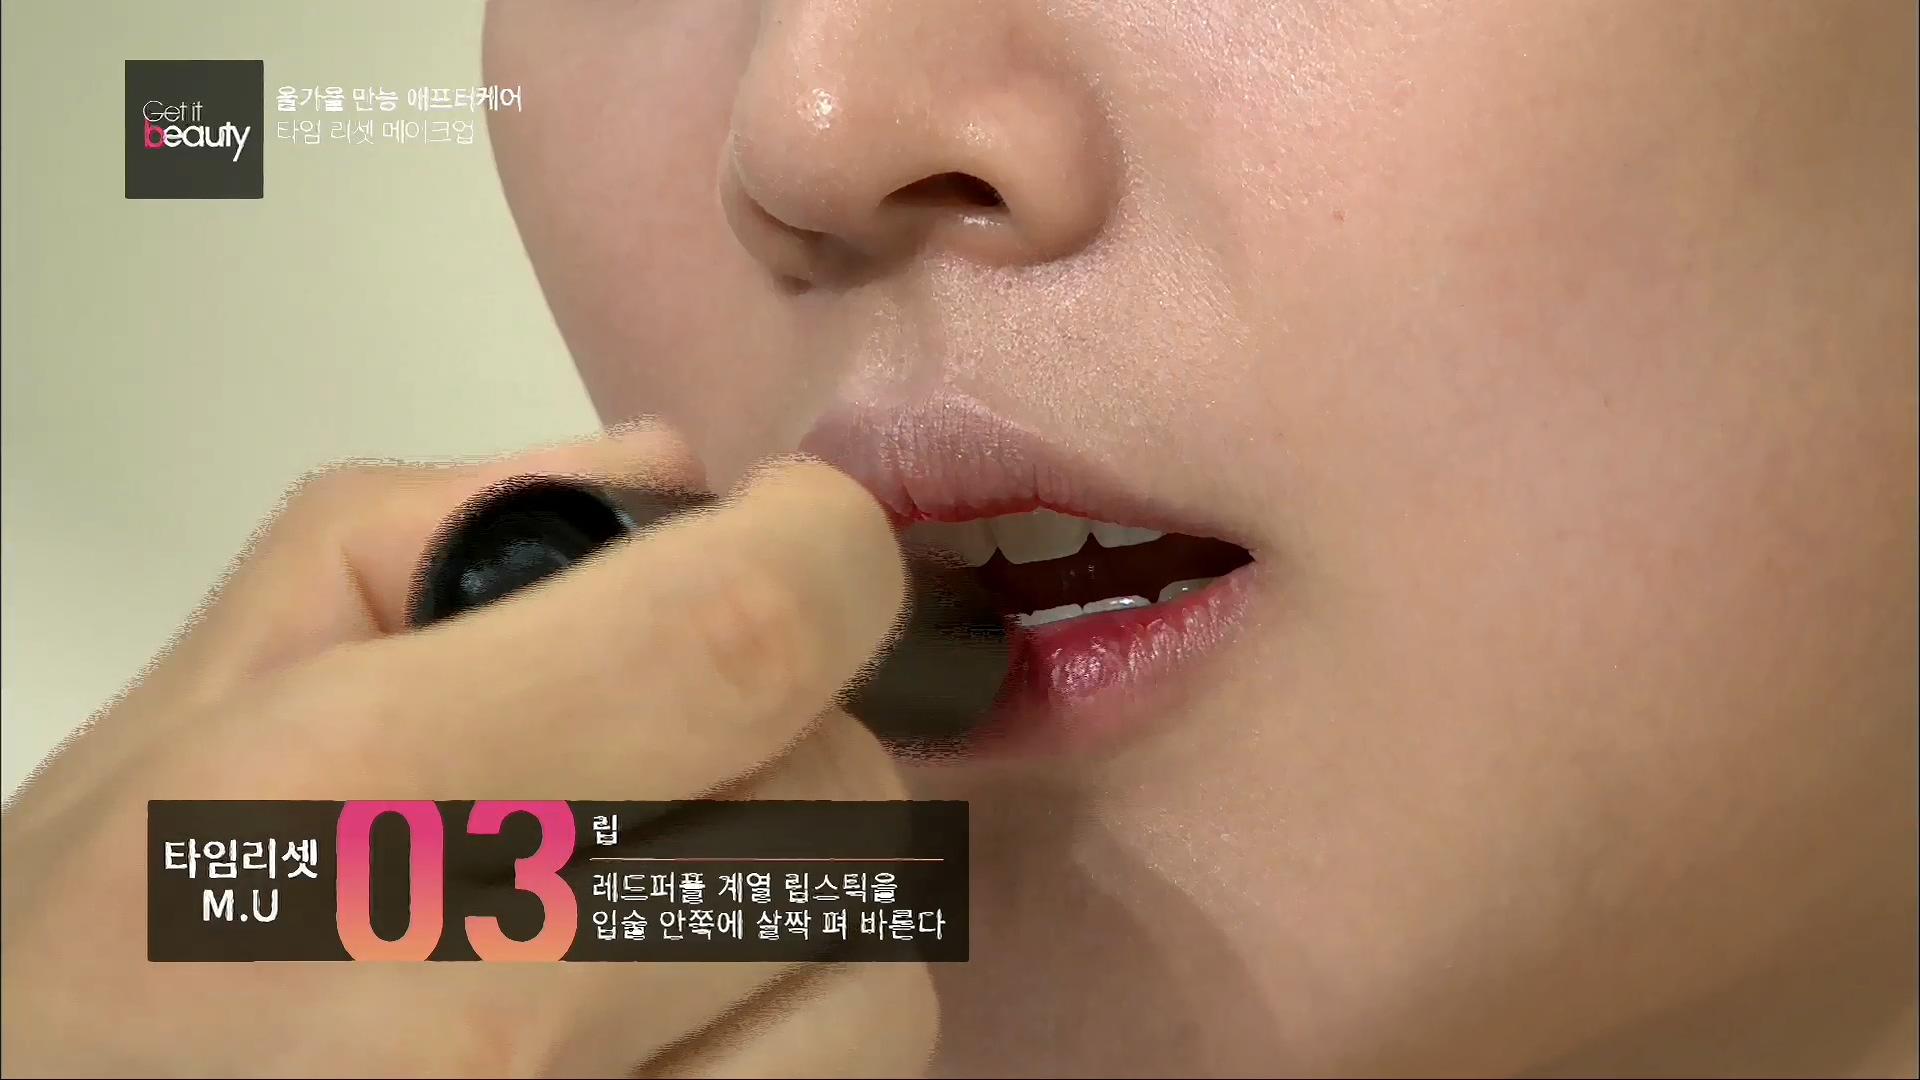 타임리셋 M.U STEP#3.립 레드퍼플 계열 립스틱을 입술 안쪽에 살짝 펴 바른다